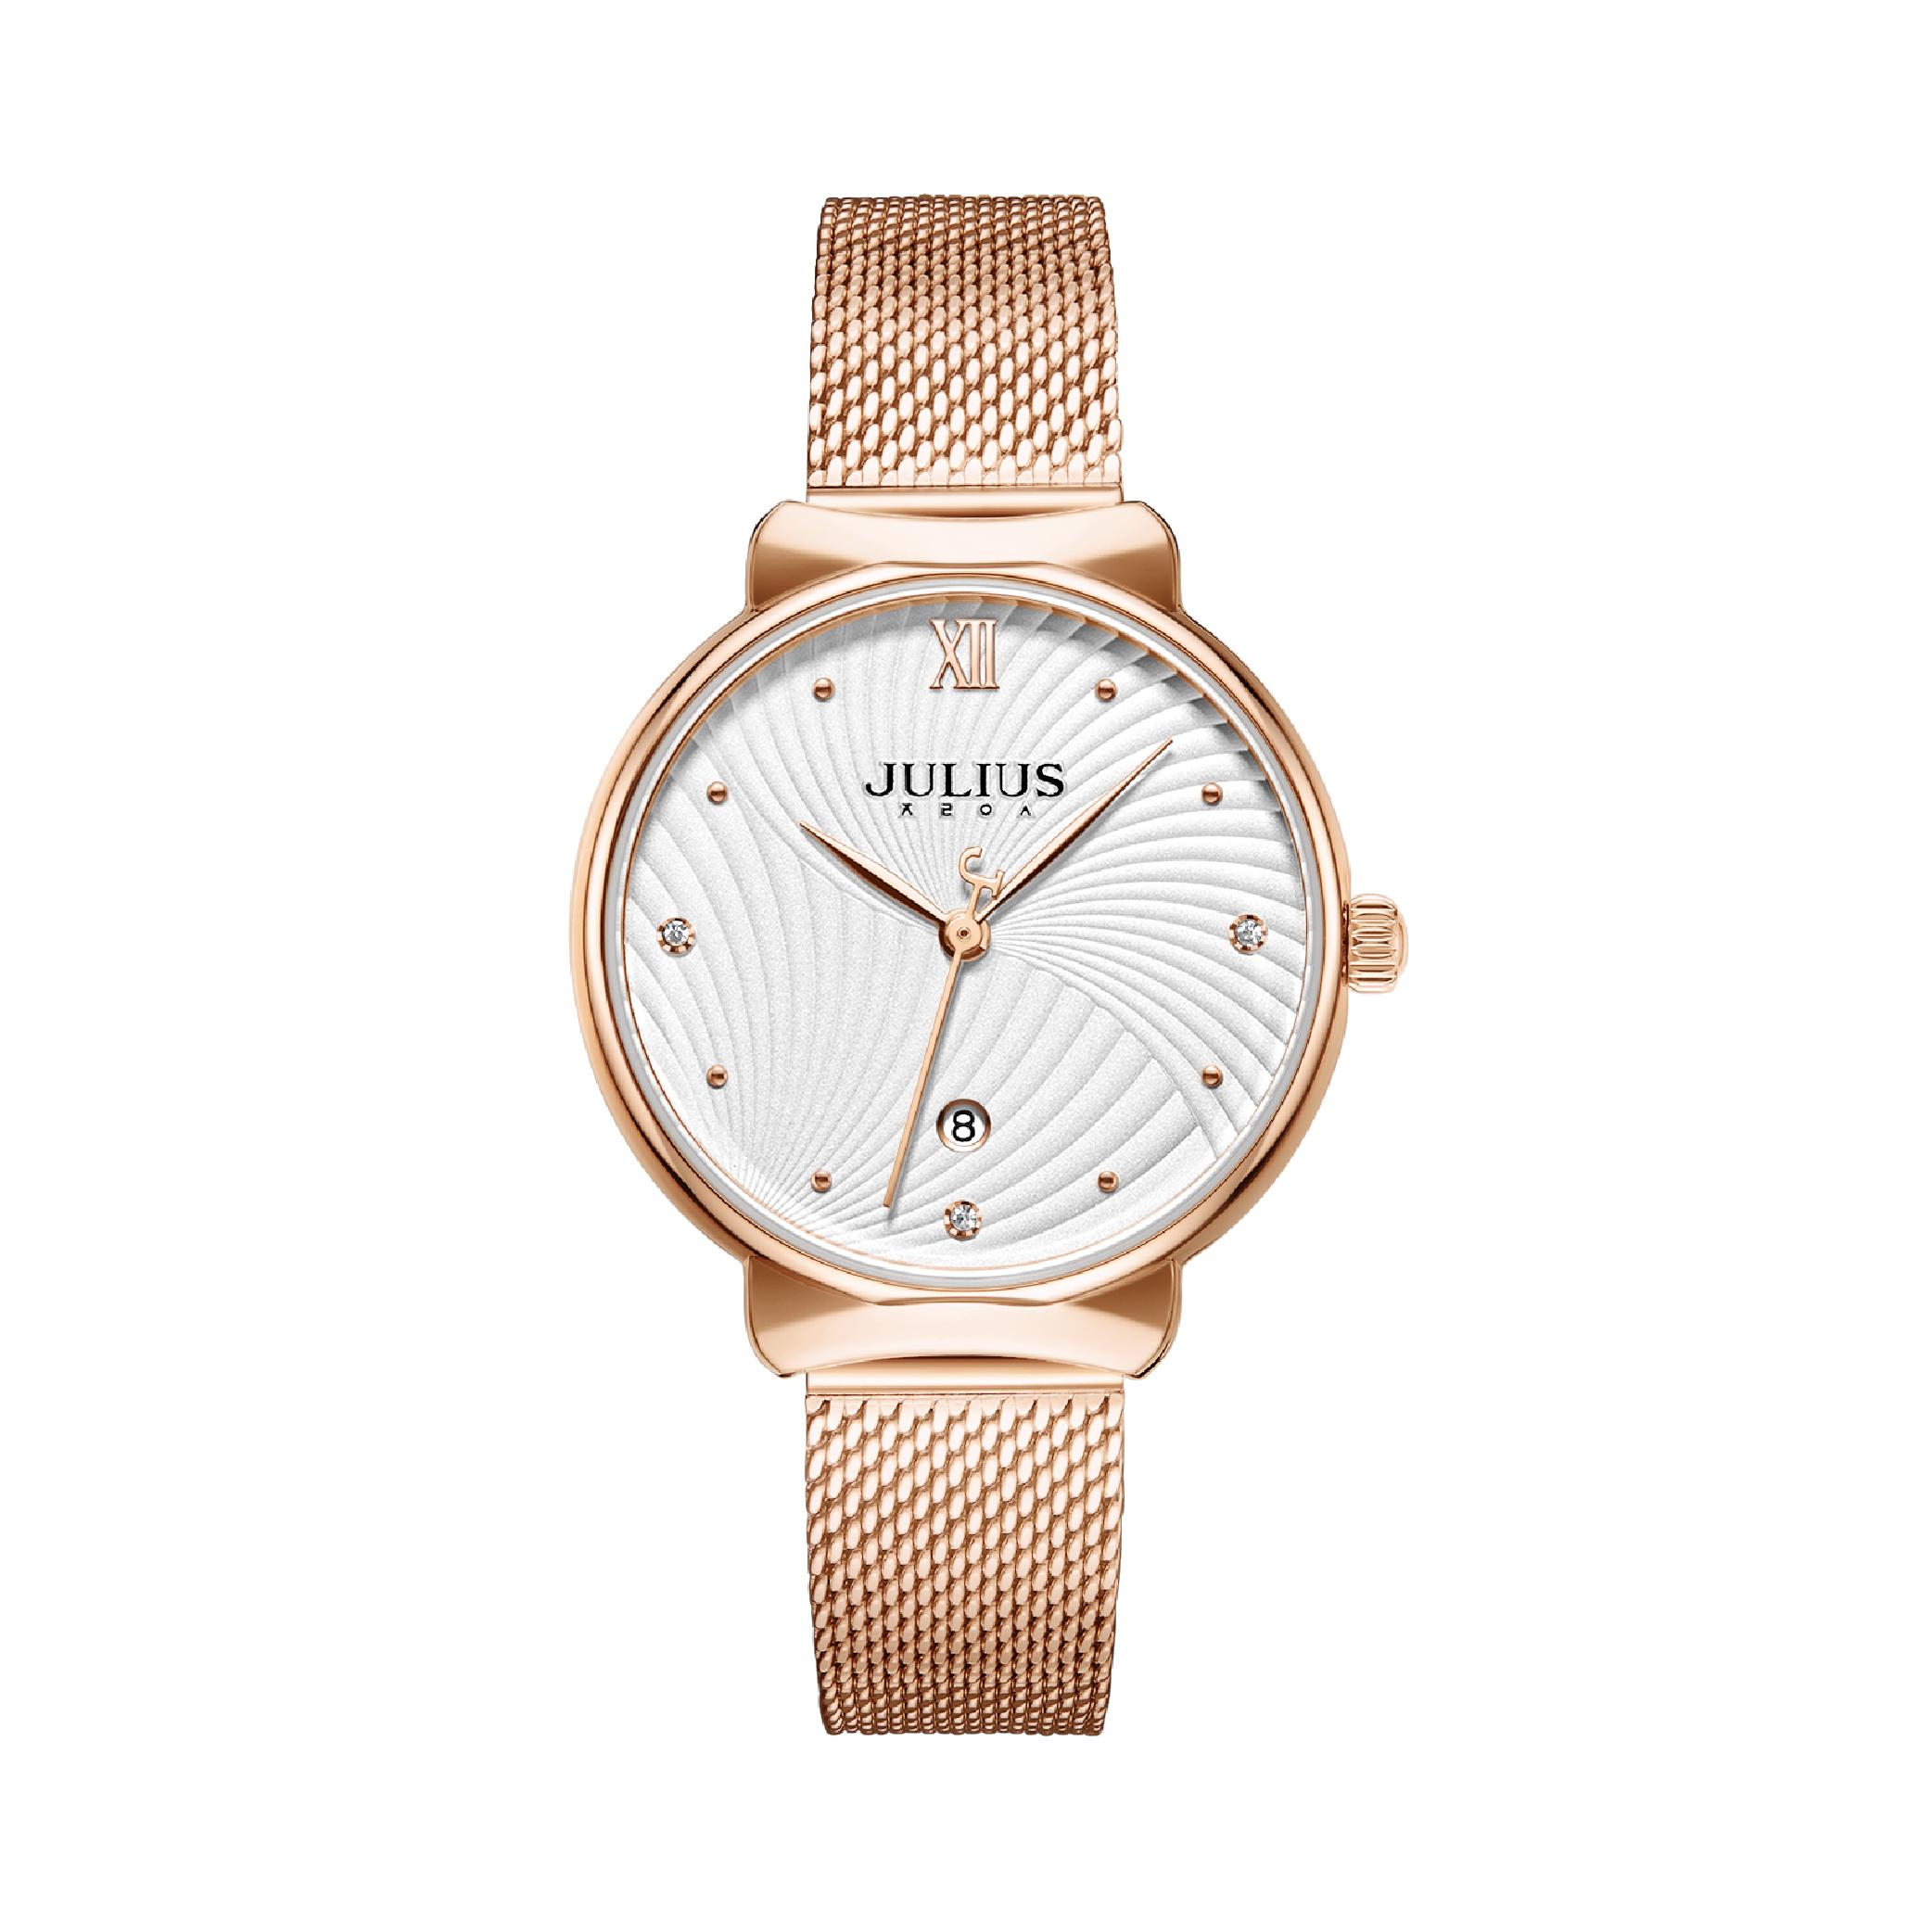 นาฬิกาข้อมือผู้หญิง JULIUS 1243 B